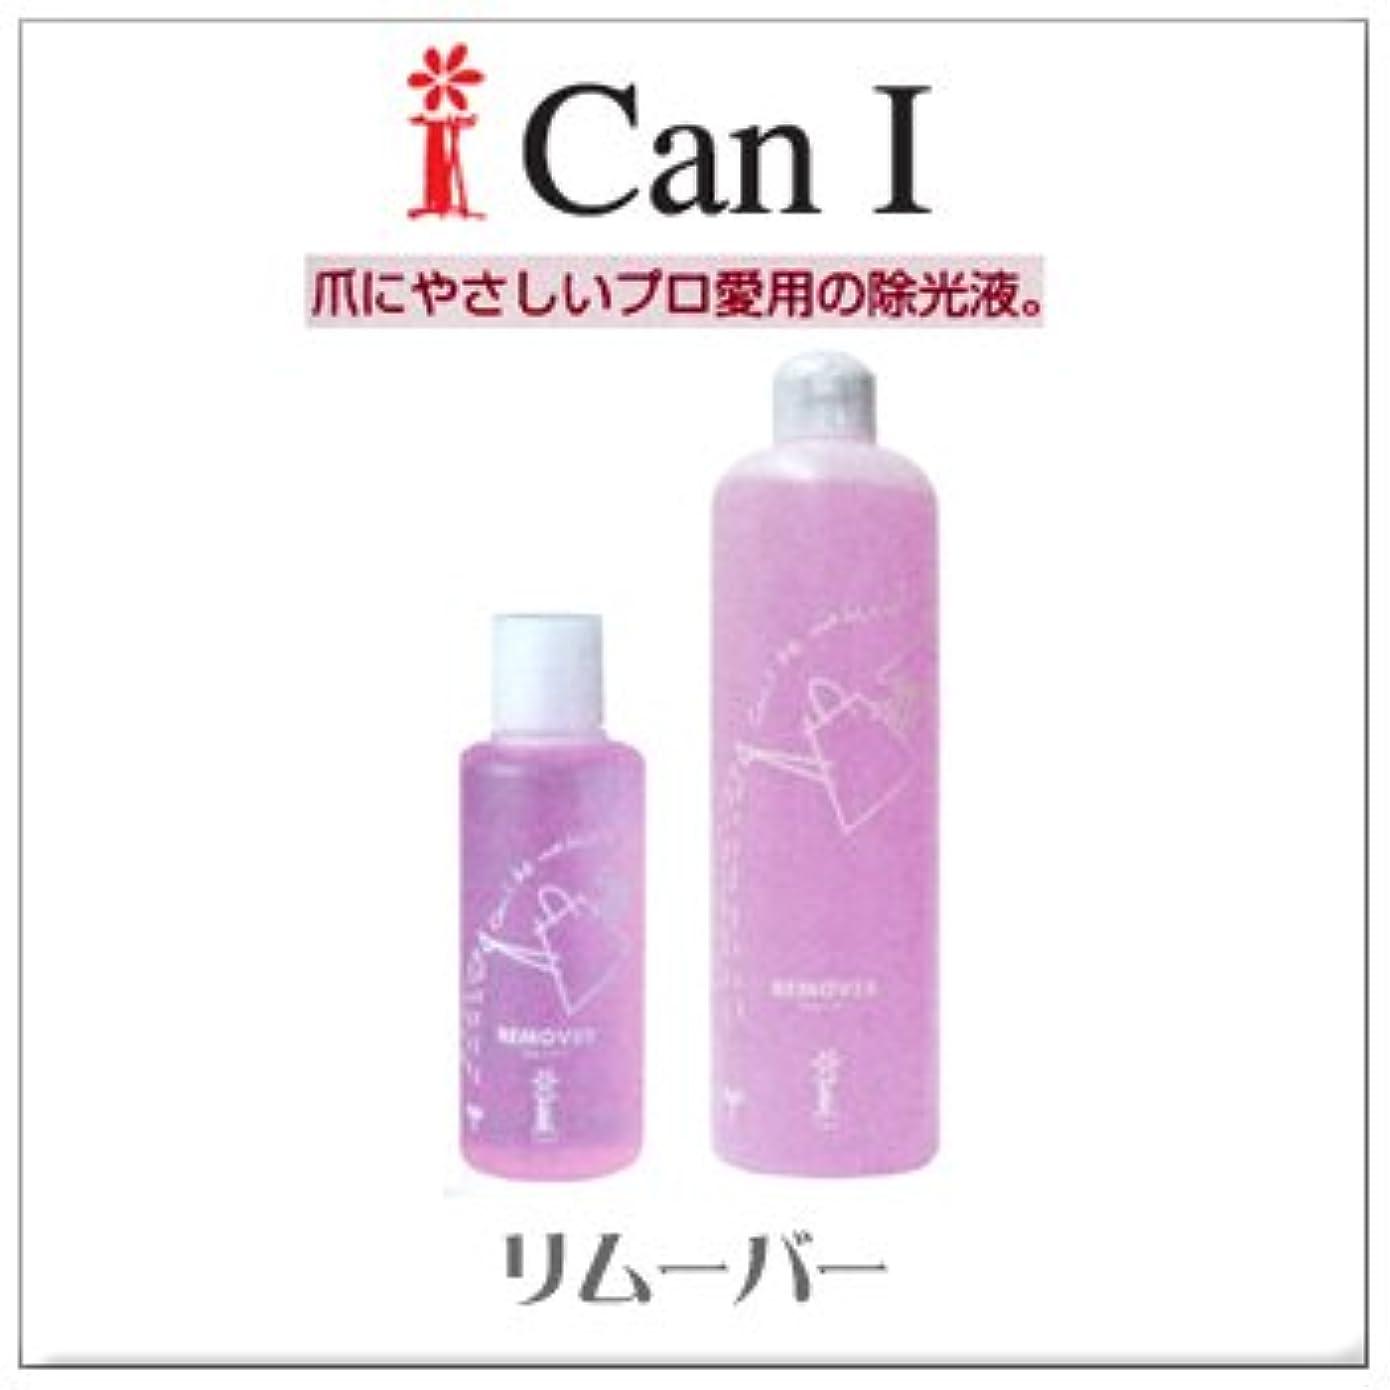 出口あさり一見CanI (キャンアイ) リムーバー be native 500ml